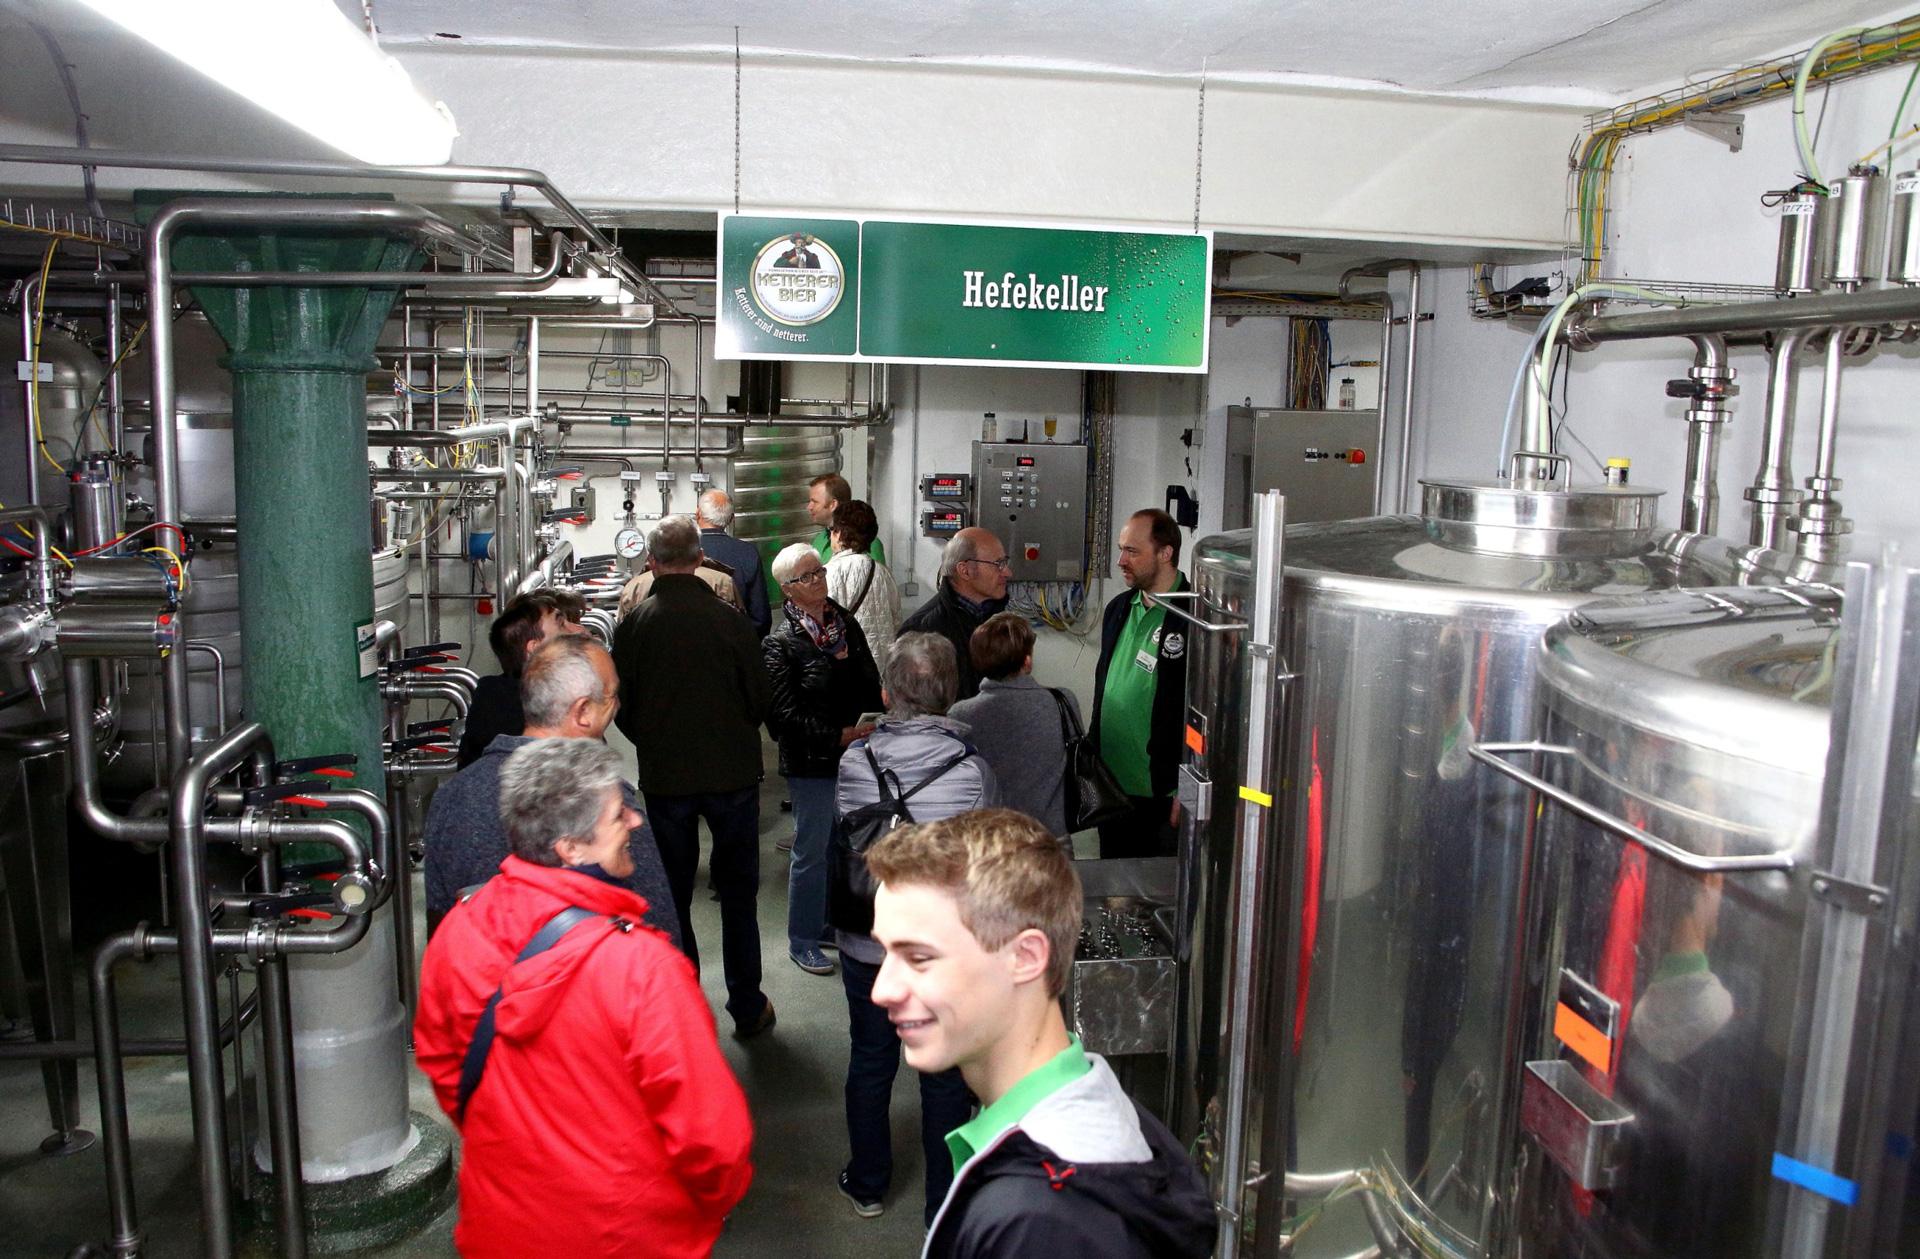 Im Hefekeller gab es spannende Informationen zum vierten Rohstoff beim Bierbrauen, der für die alkoholische Gärung verantwortlich ist.